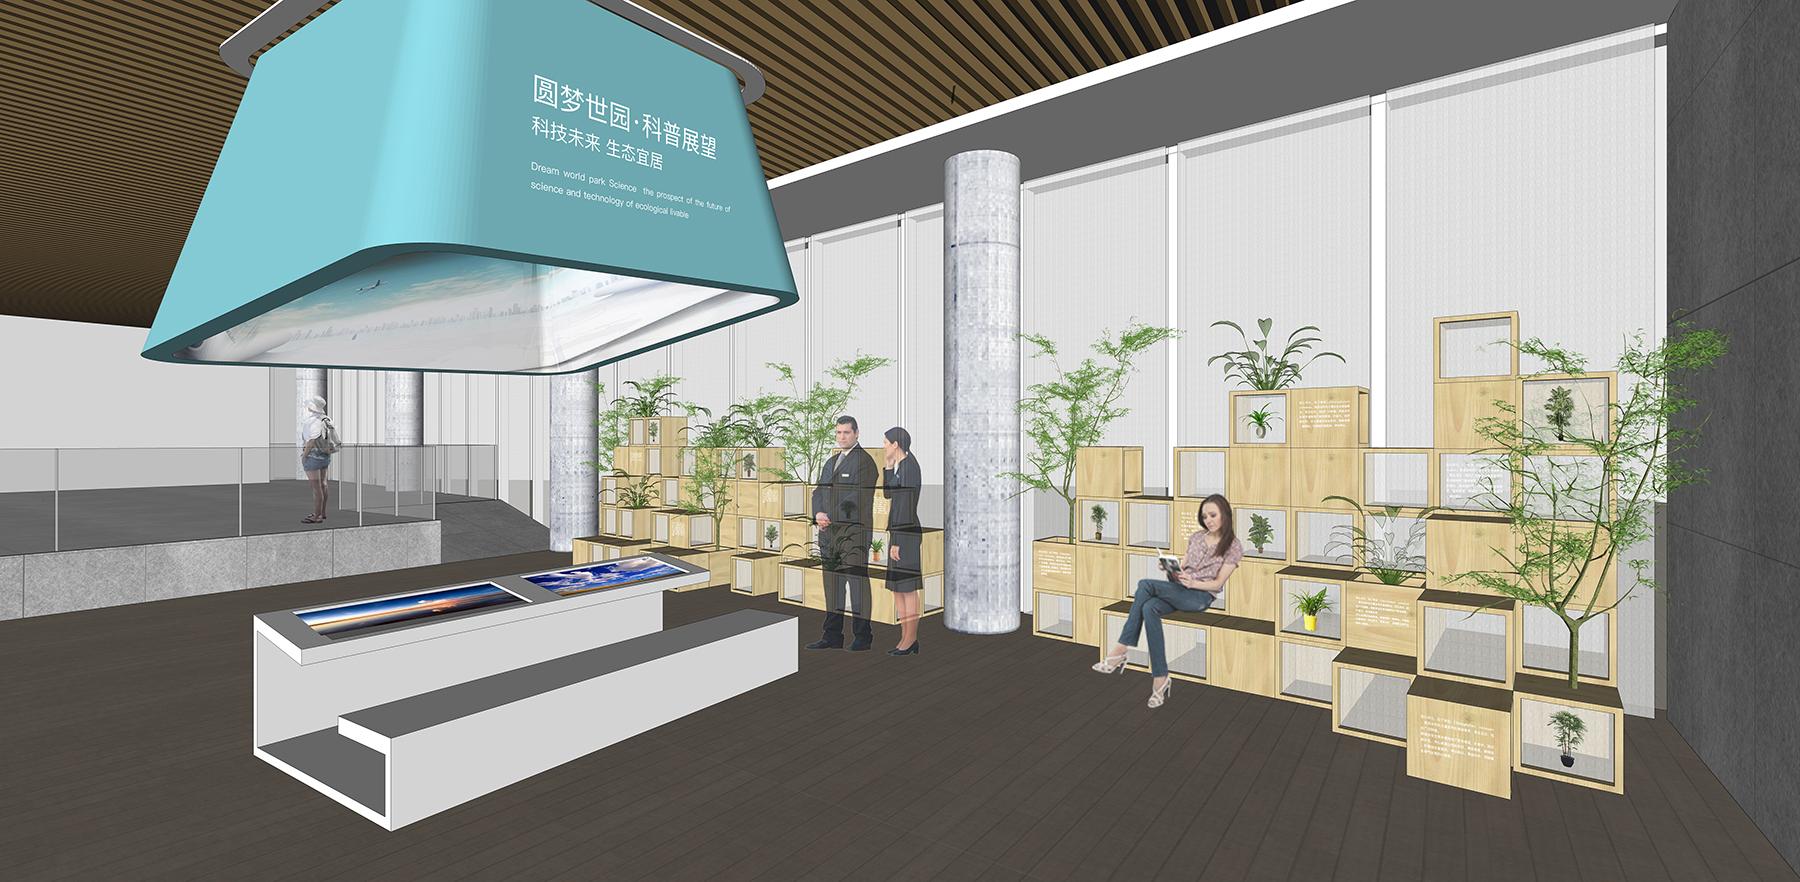 2016年唐山世园会回顾展尾厅空间设计